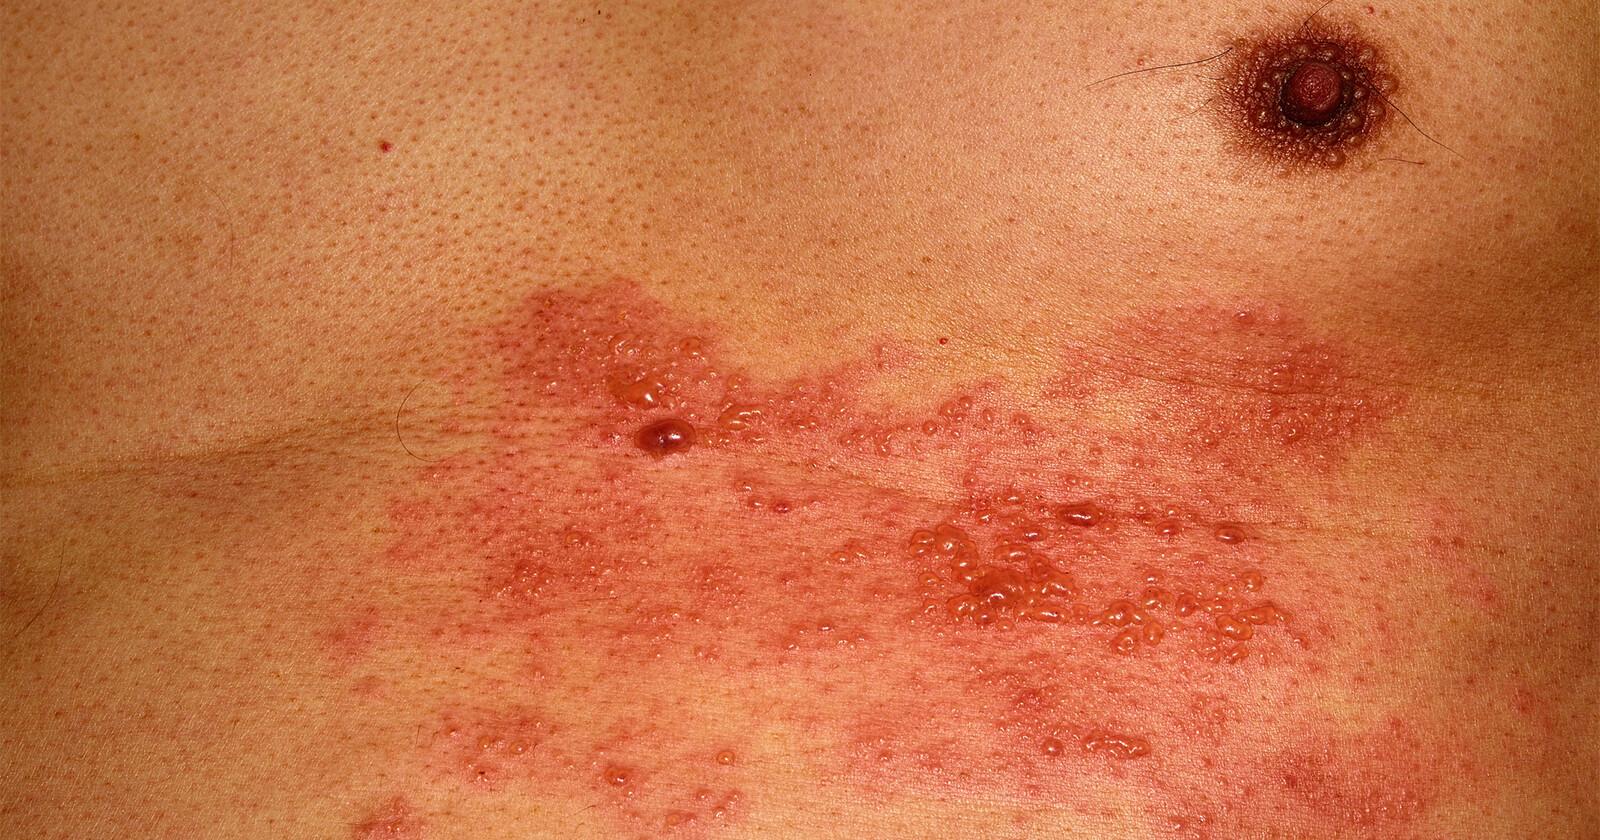 Gürtelrose, auch Herpes zoster genannt, auf dem Brustkorb.